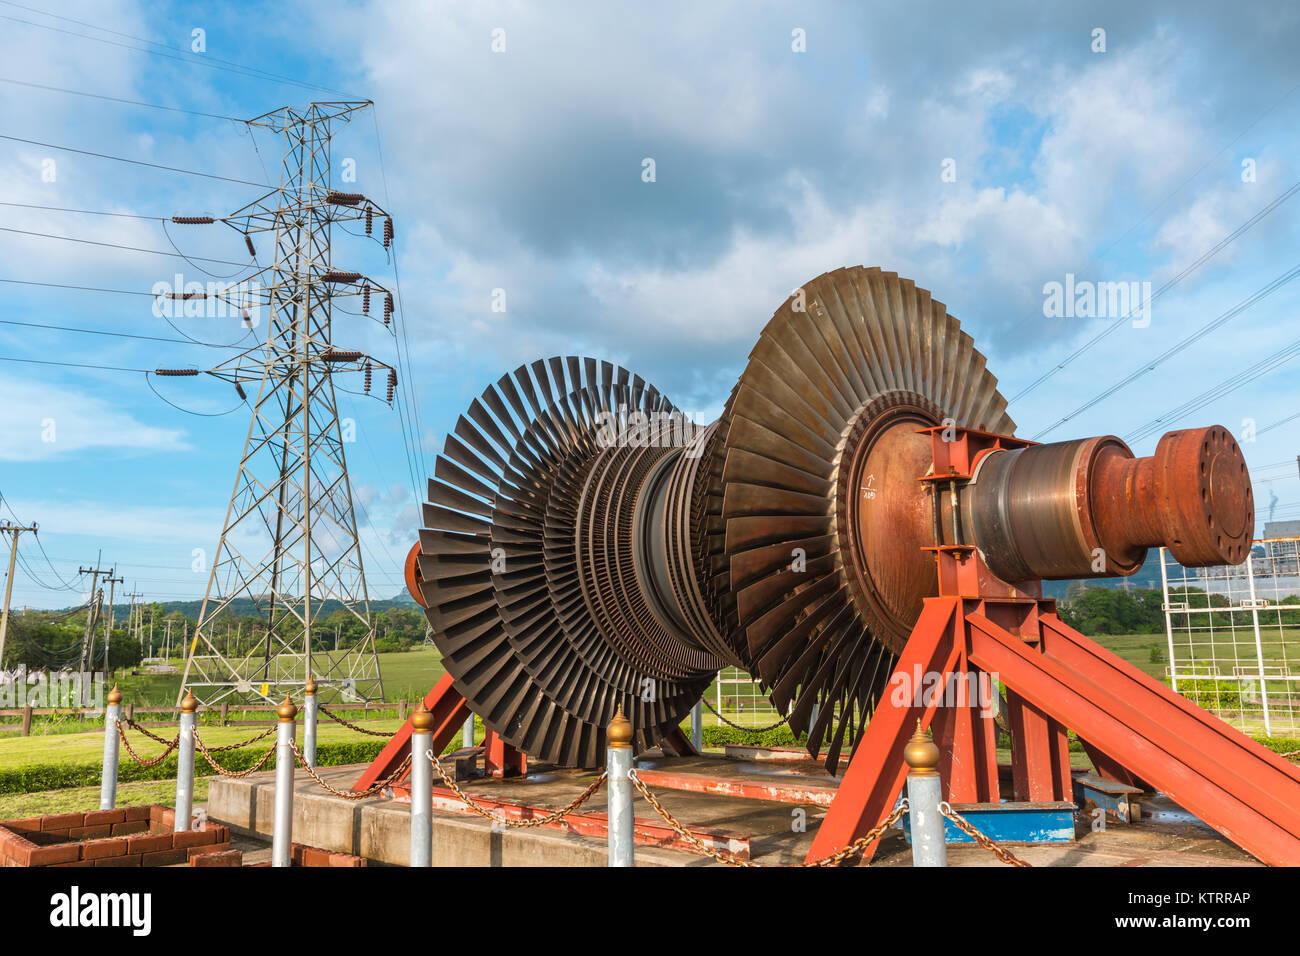 Engine Machine Shop >> Steam Turbine Blades Stock Photos & Steam Turbine Blades Stock Images - Alamy